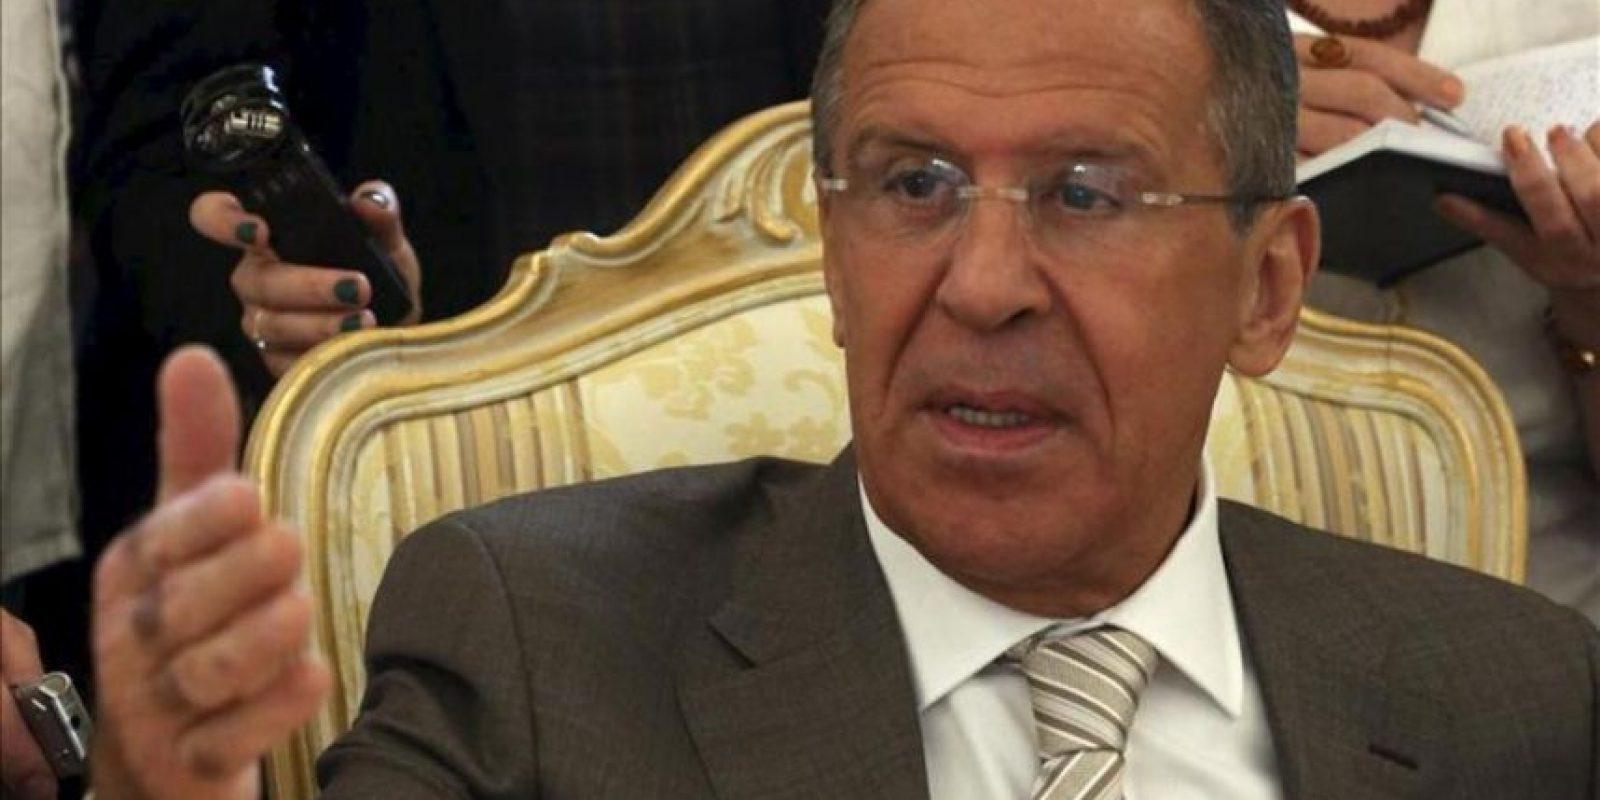 El ministro de Exteriores ruso, Serguéi Lavrov, mantiene una reunión su homólogo cubano, Bruno Rodríguez Parrilla (no aparece), aen el ministerio de Exteriores en Moscú (Rusia) hoy, jueves 30 de mayo de 2013. El responsable cubano realiza una visita oficial al país. EFE